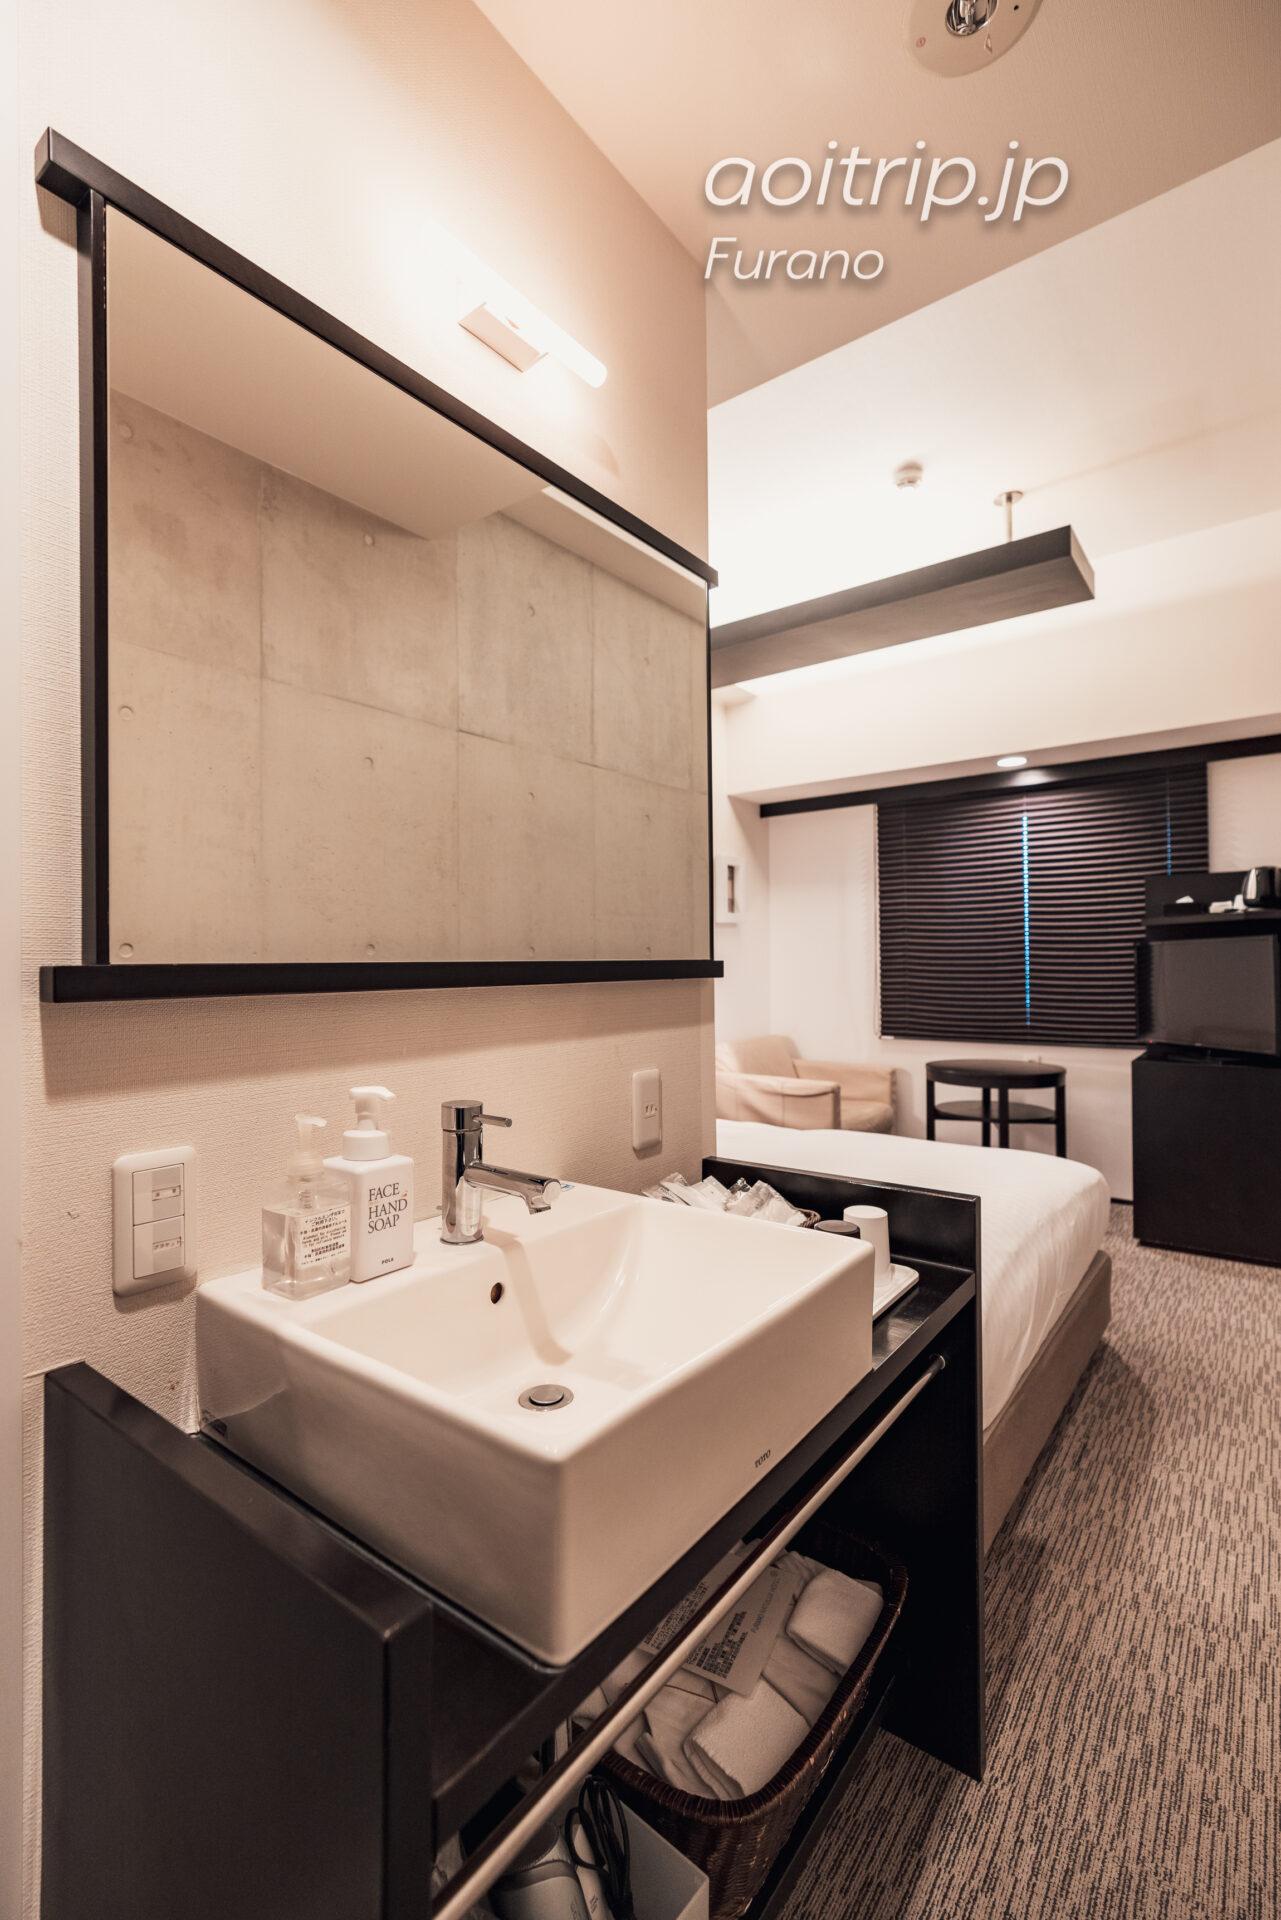 富良野ナチュラクスホテルの洗面台